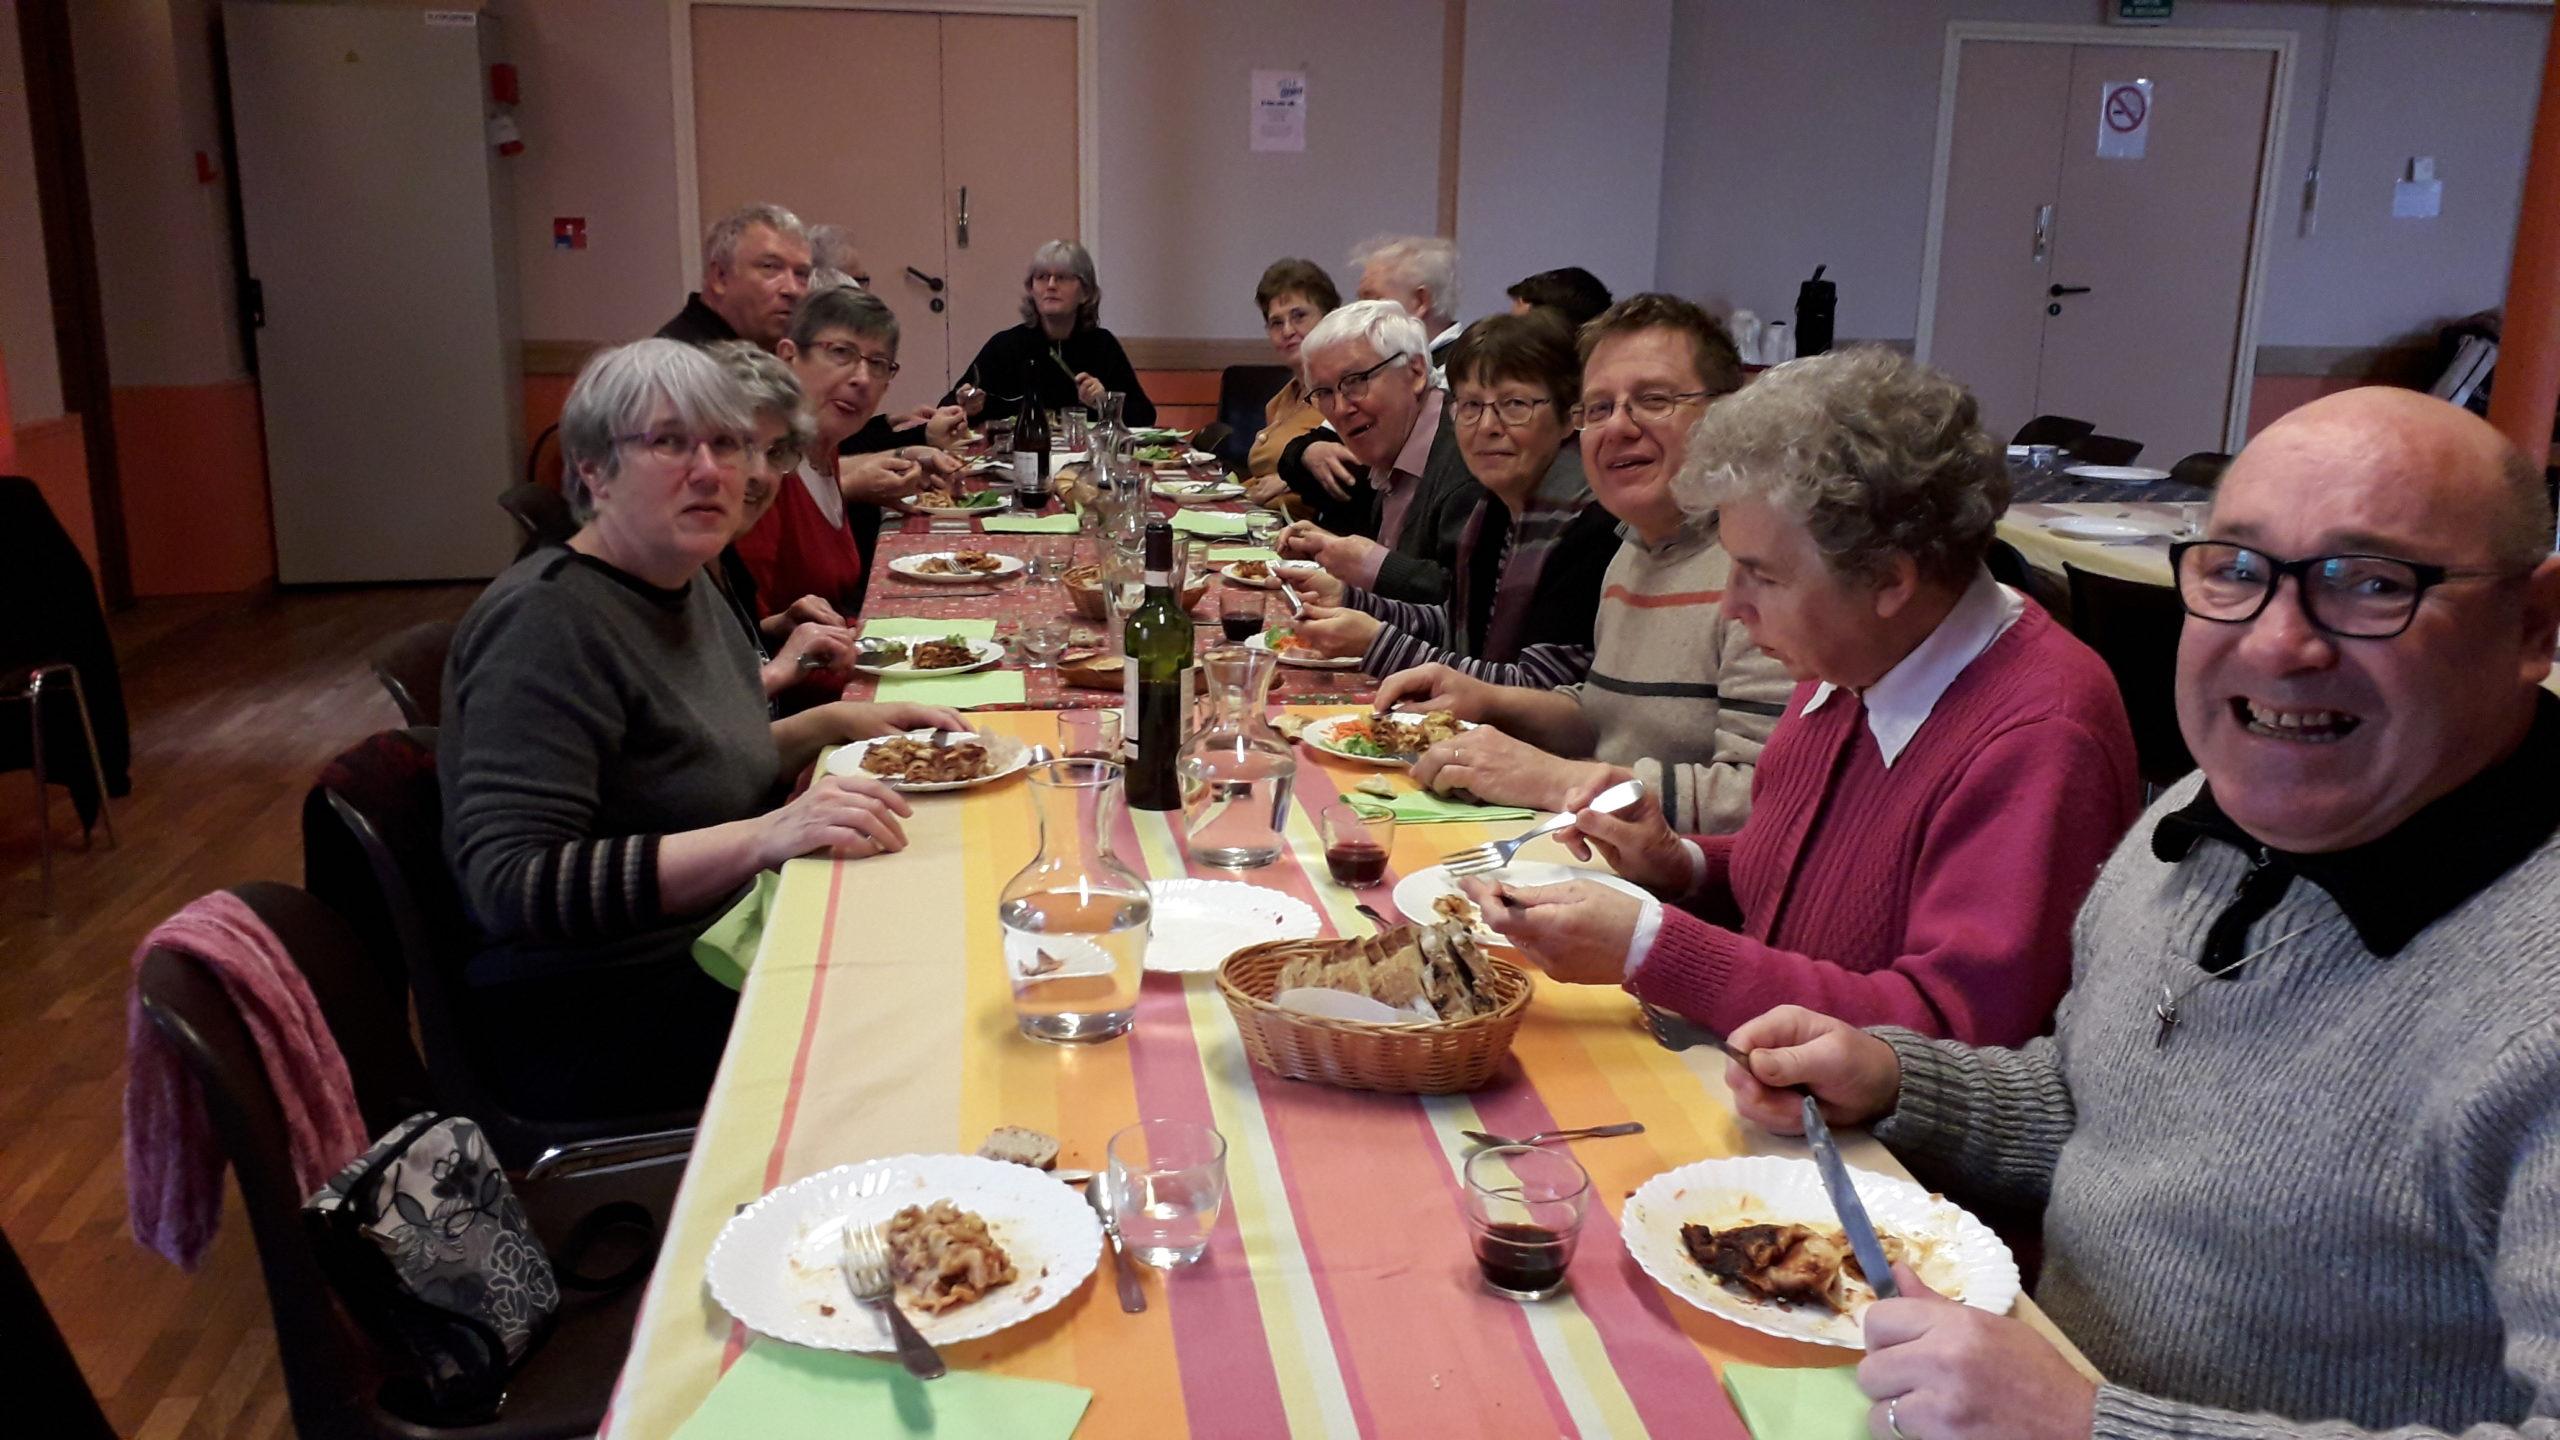 Repas partagé - 1er mars 2020